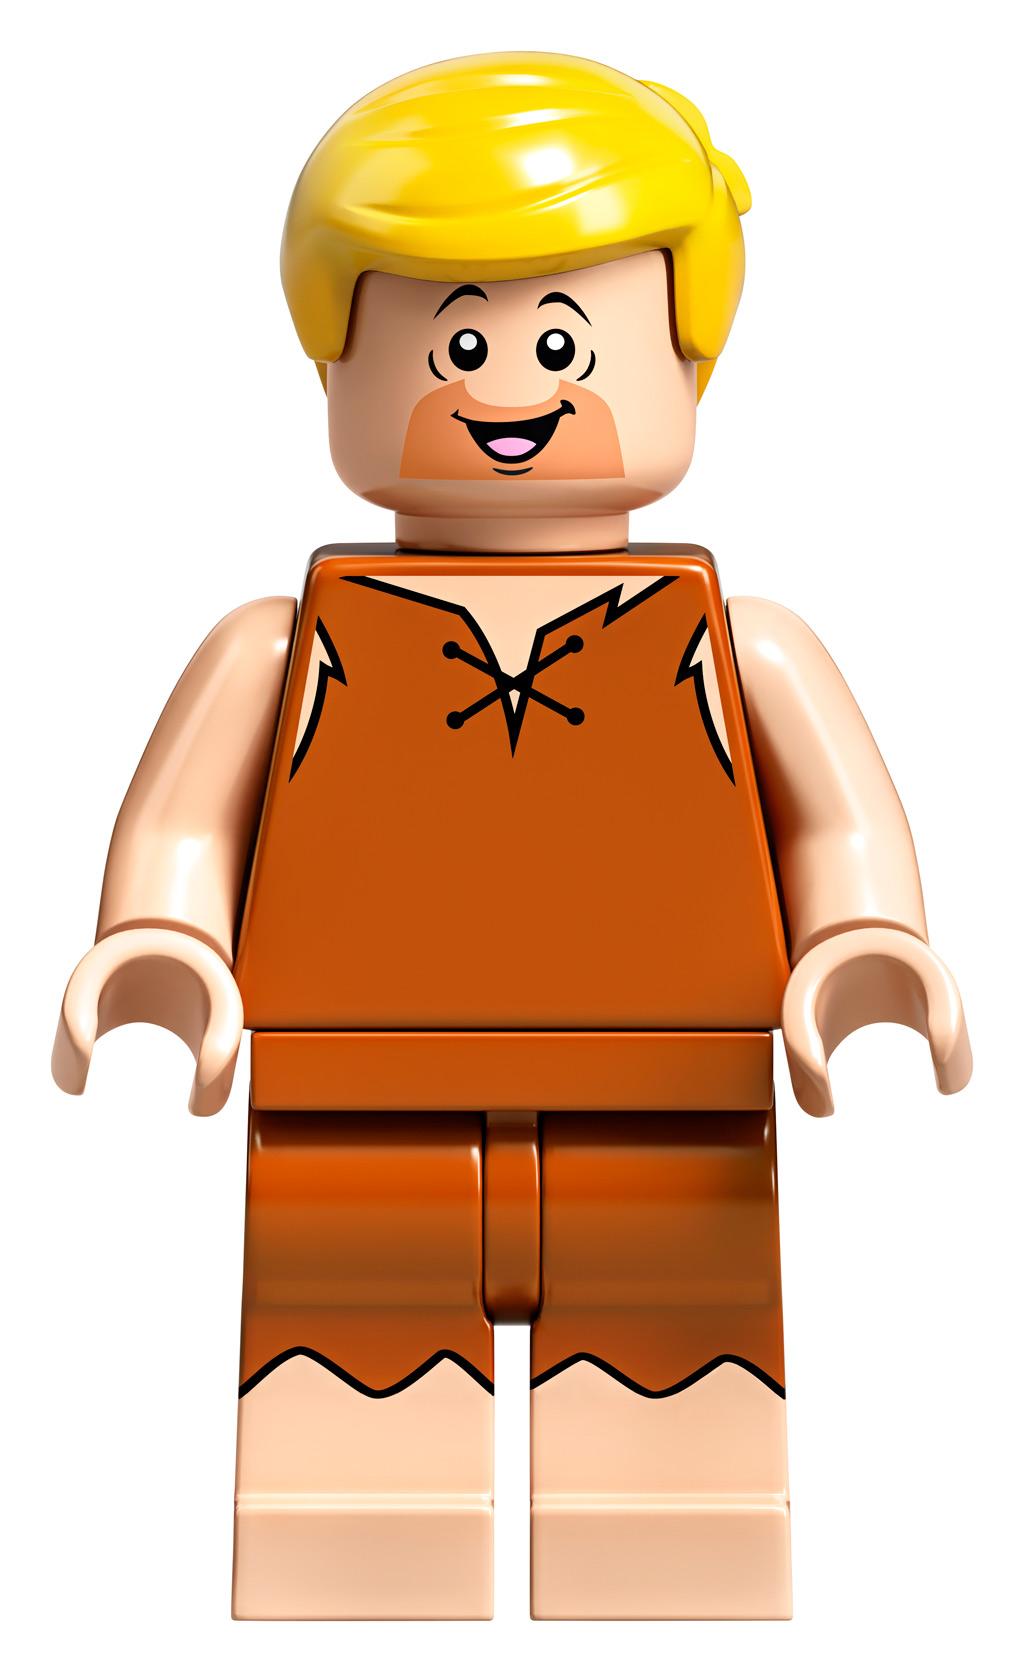 lego-ideas-the-flintstones-21316-familie-feuerstein-minifigur-2019 zusammengebaut.com